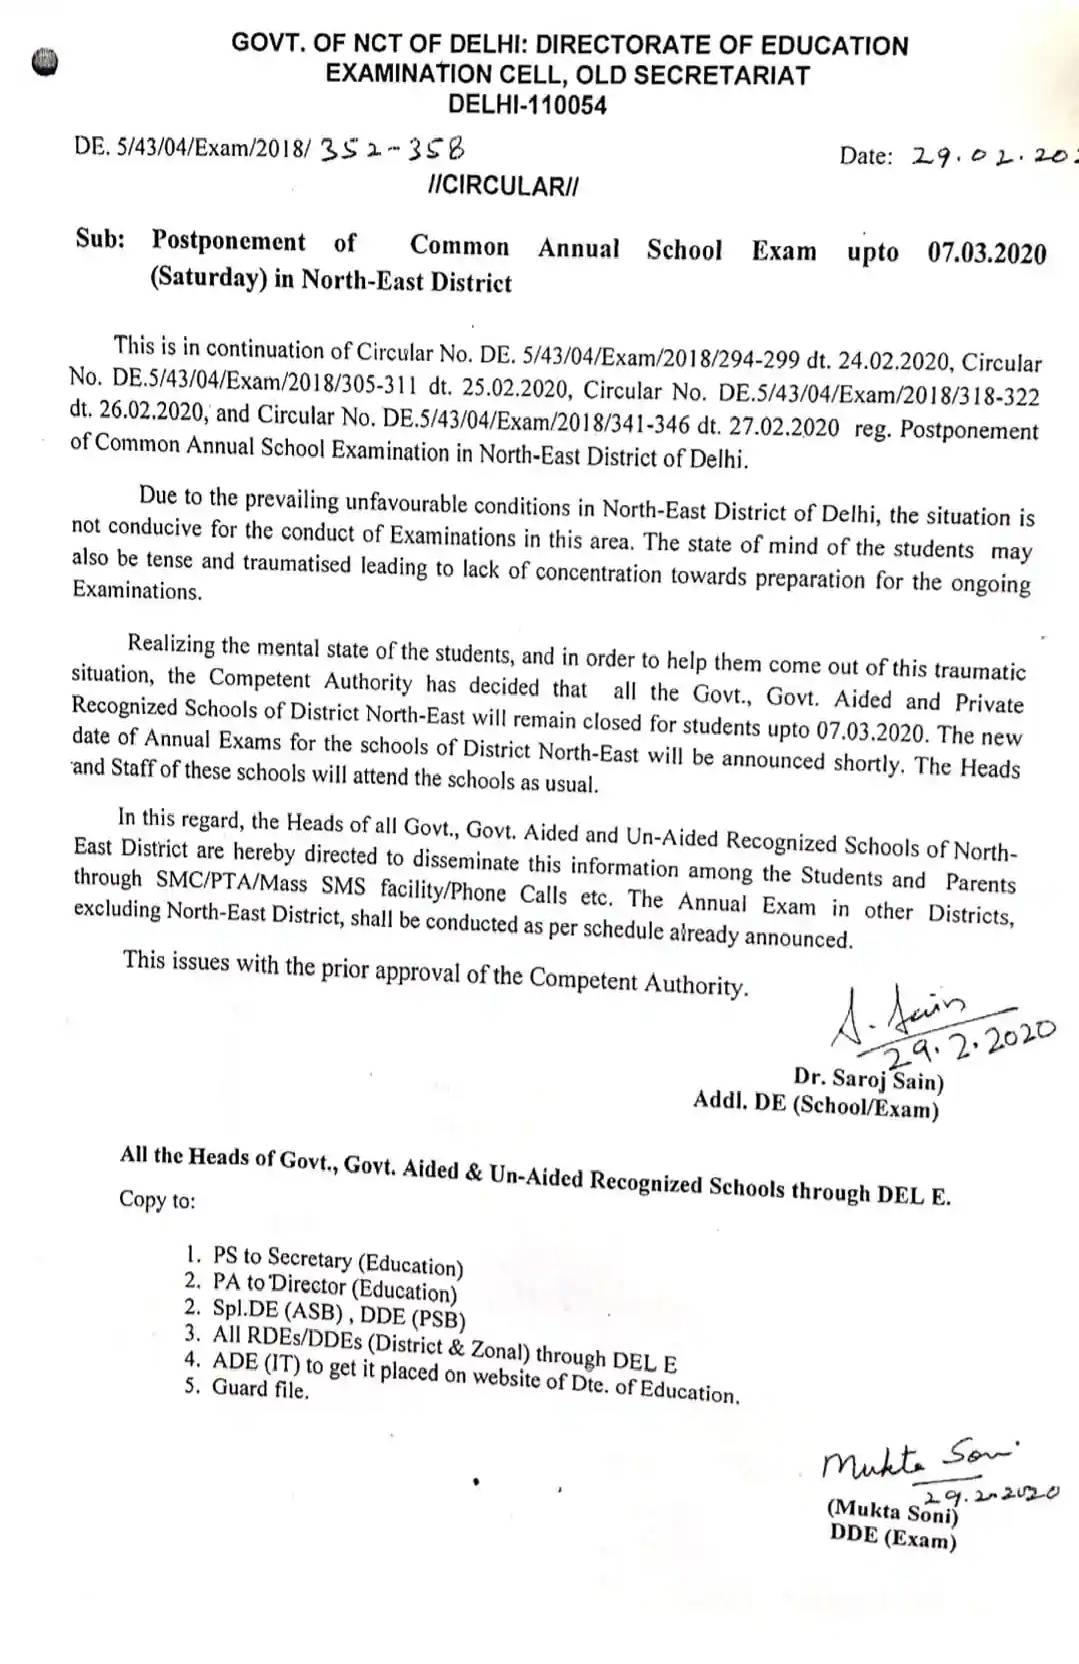 Delhi Violence: दिल्ली शिक्षा निदेशालय का नया सर्कुलर जारी, 7 मार्च तक स्कूल बंद, परीक्षाएं रद्द